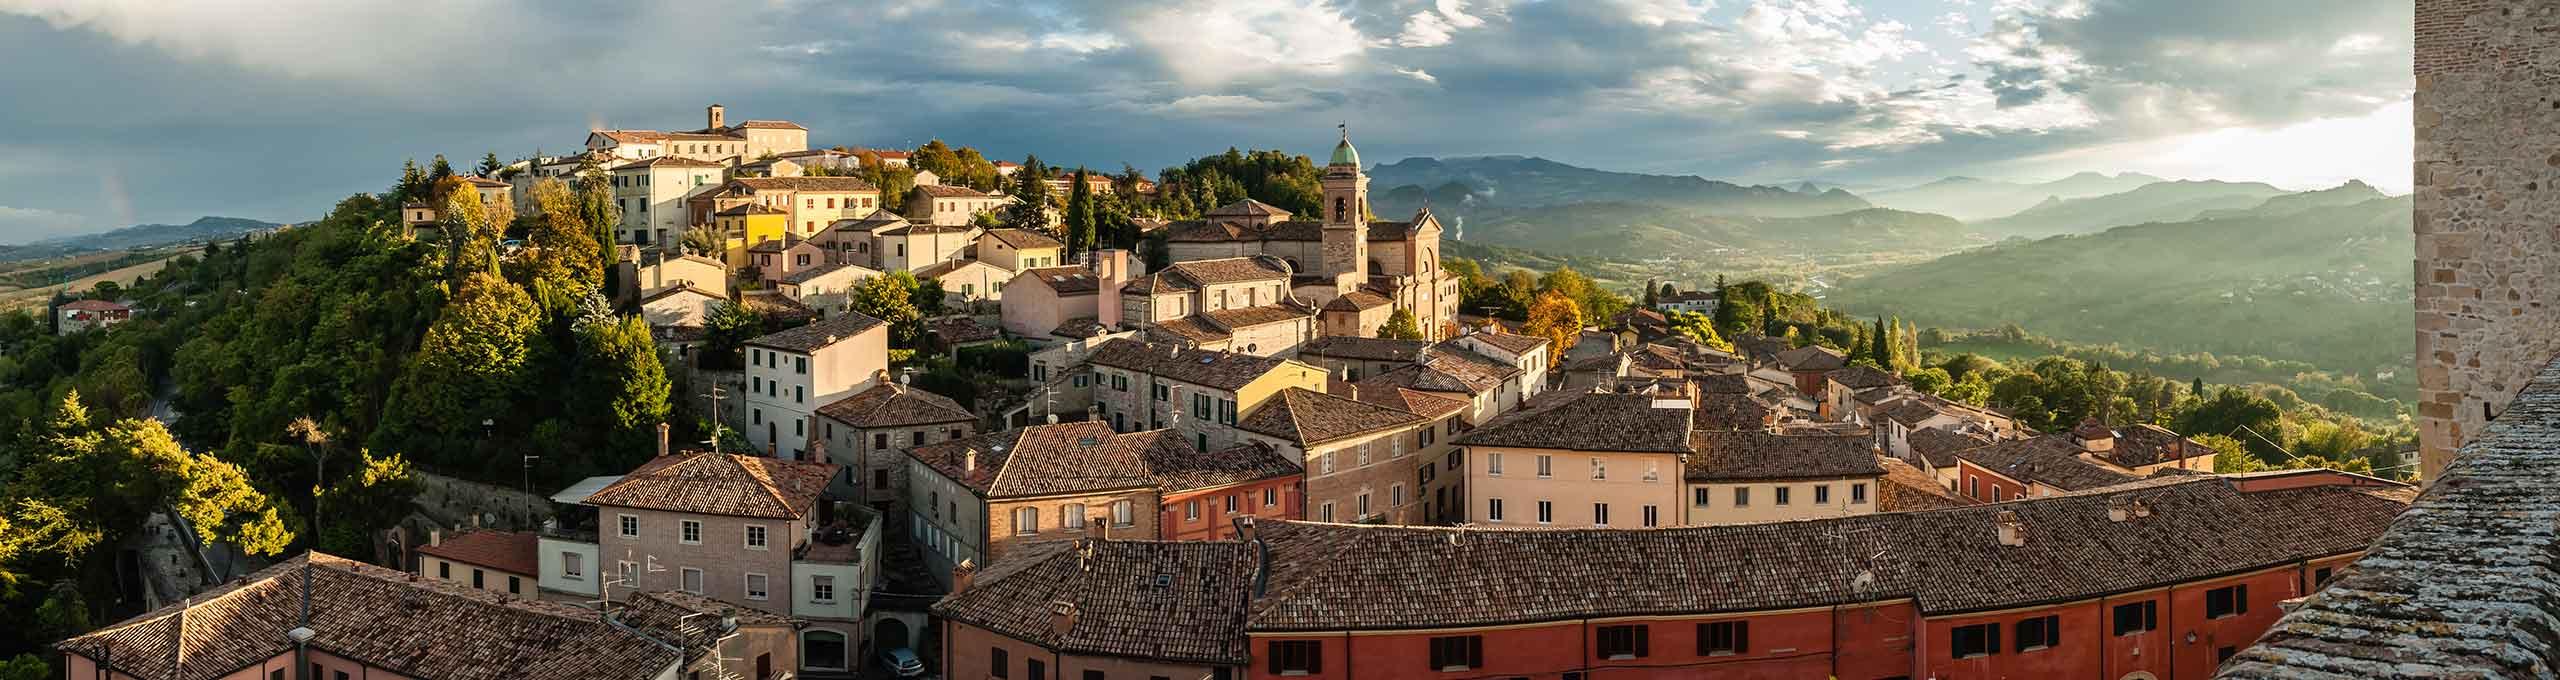 Verucchio, Riviera Romagnola, vista sulla Rocca Malatestiana